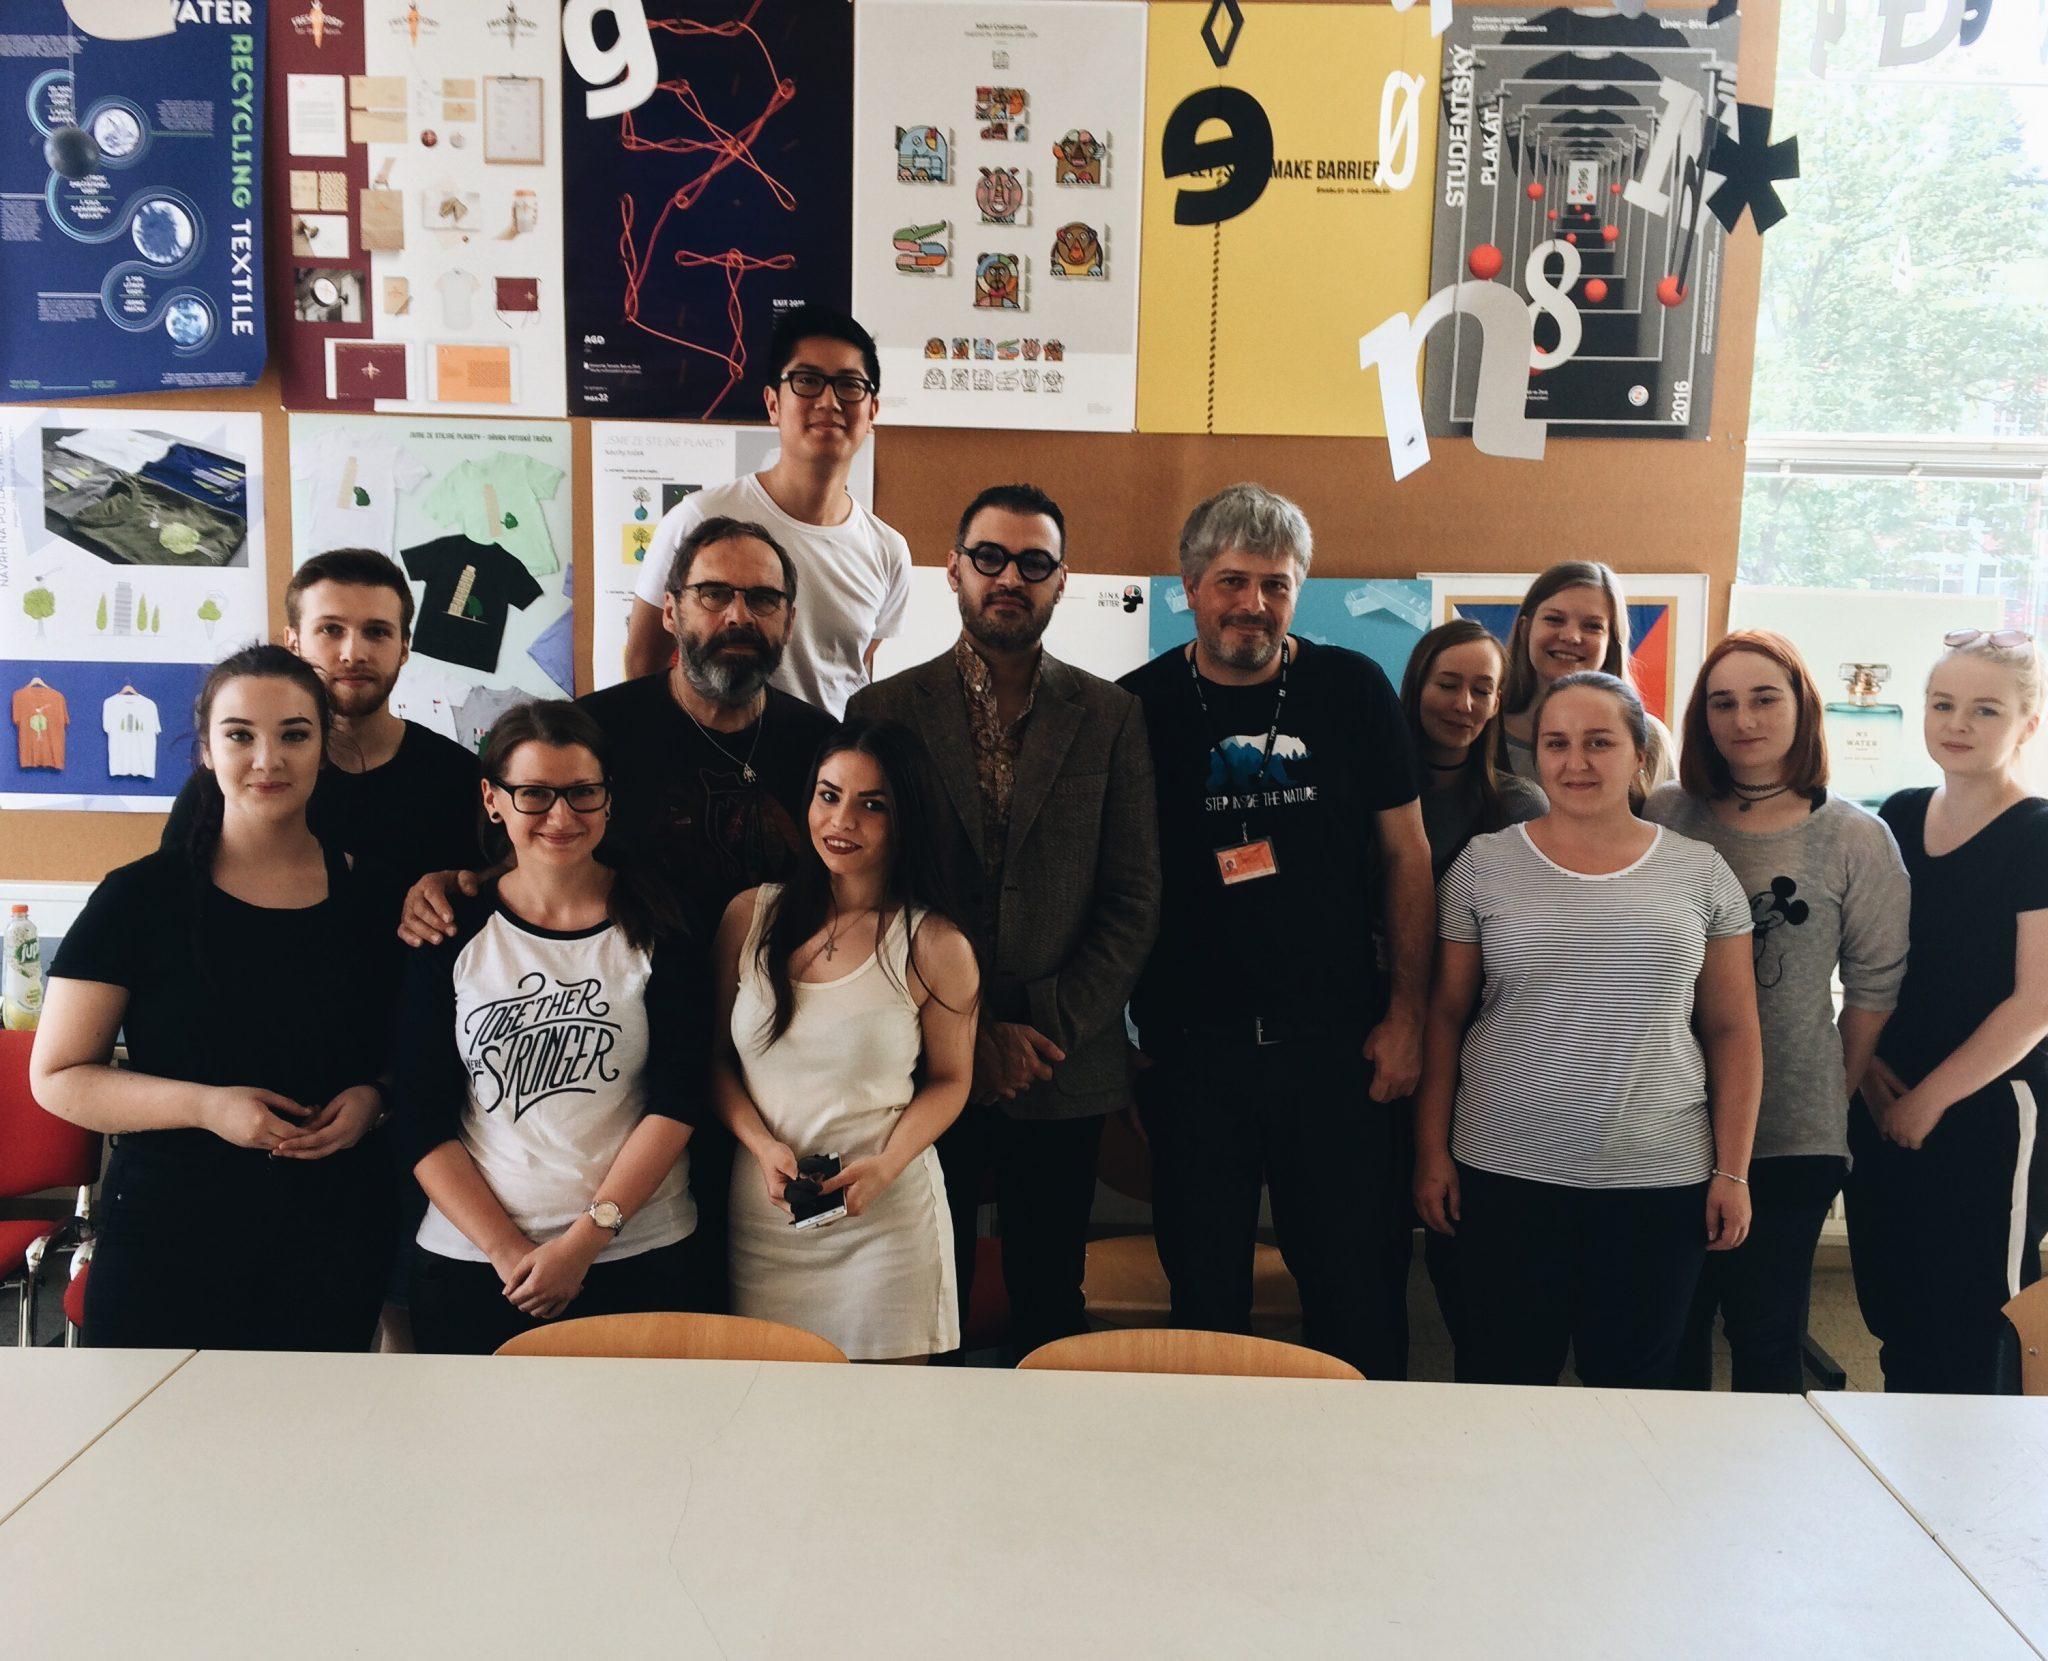 Návštěva grafického designéra Mehdi Saeediho